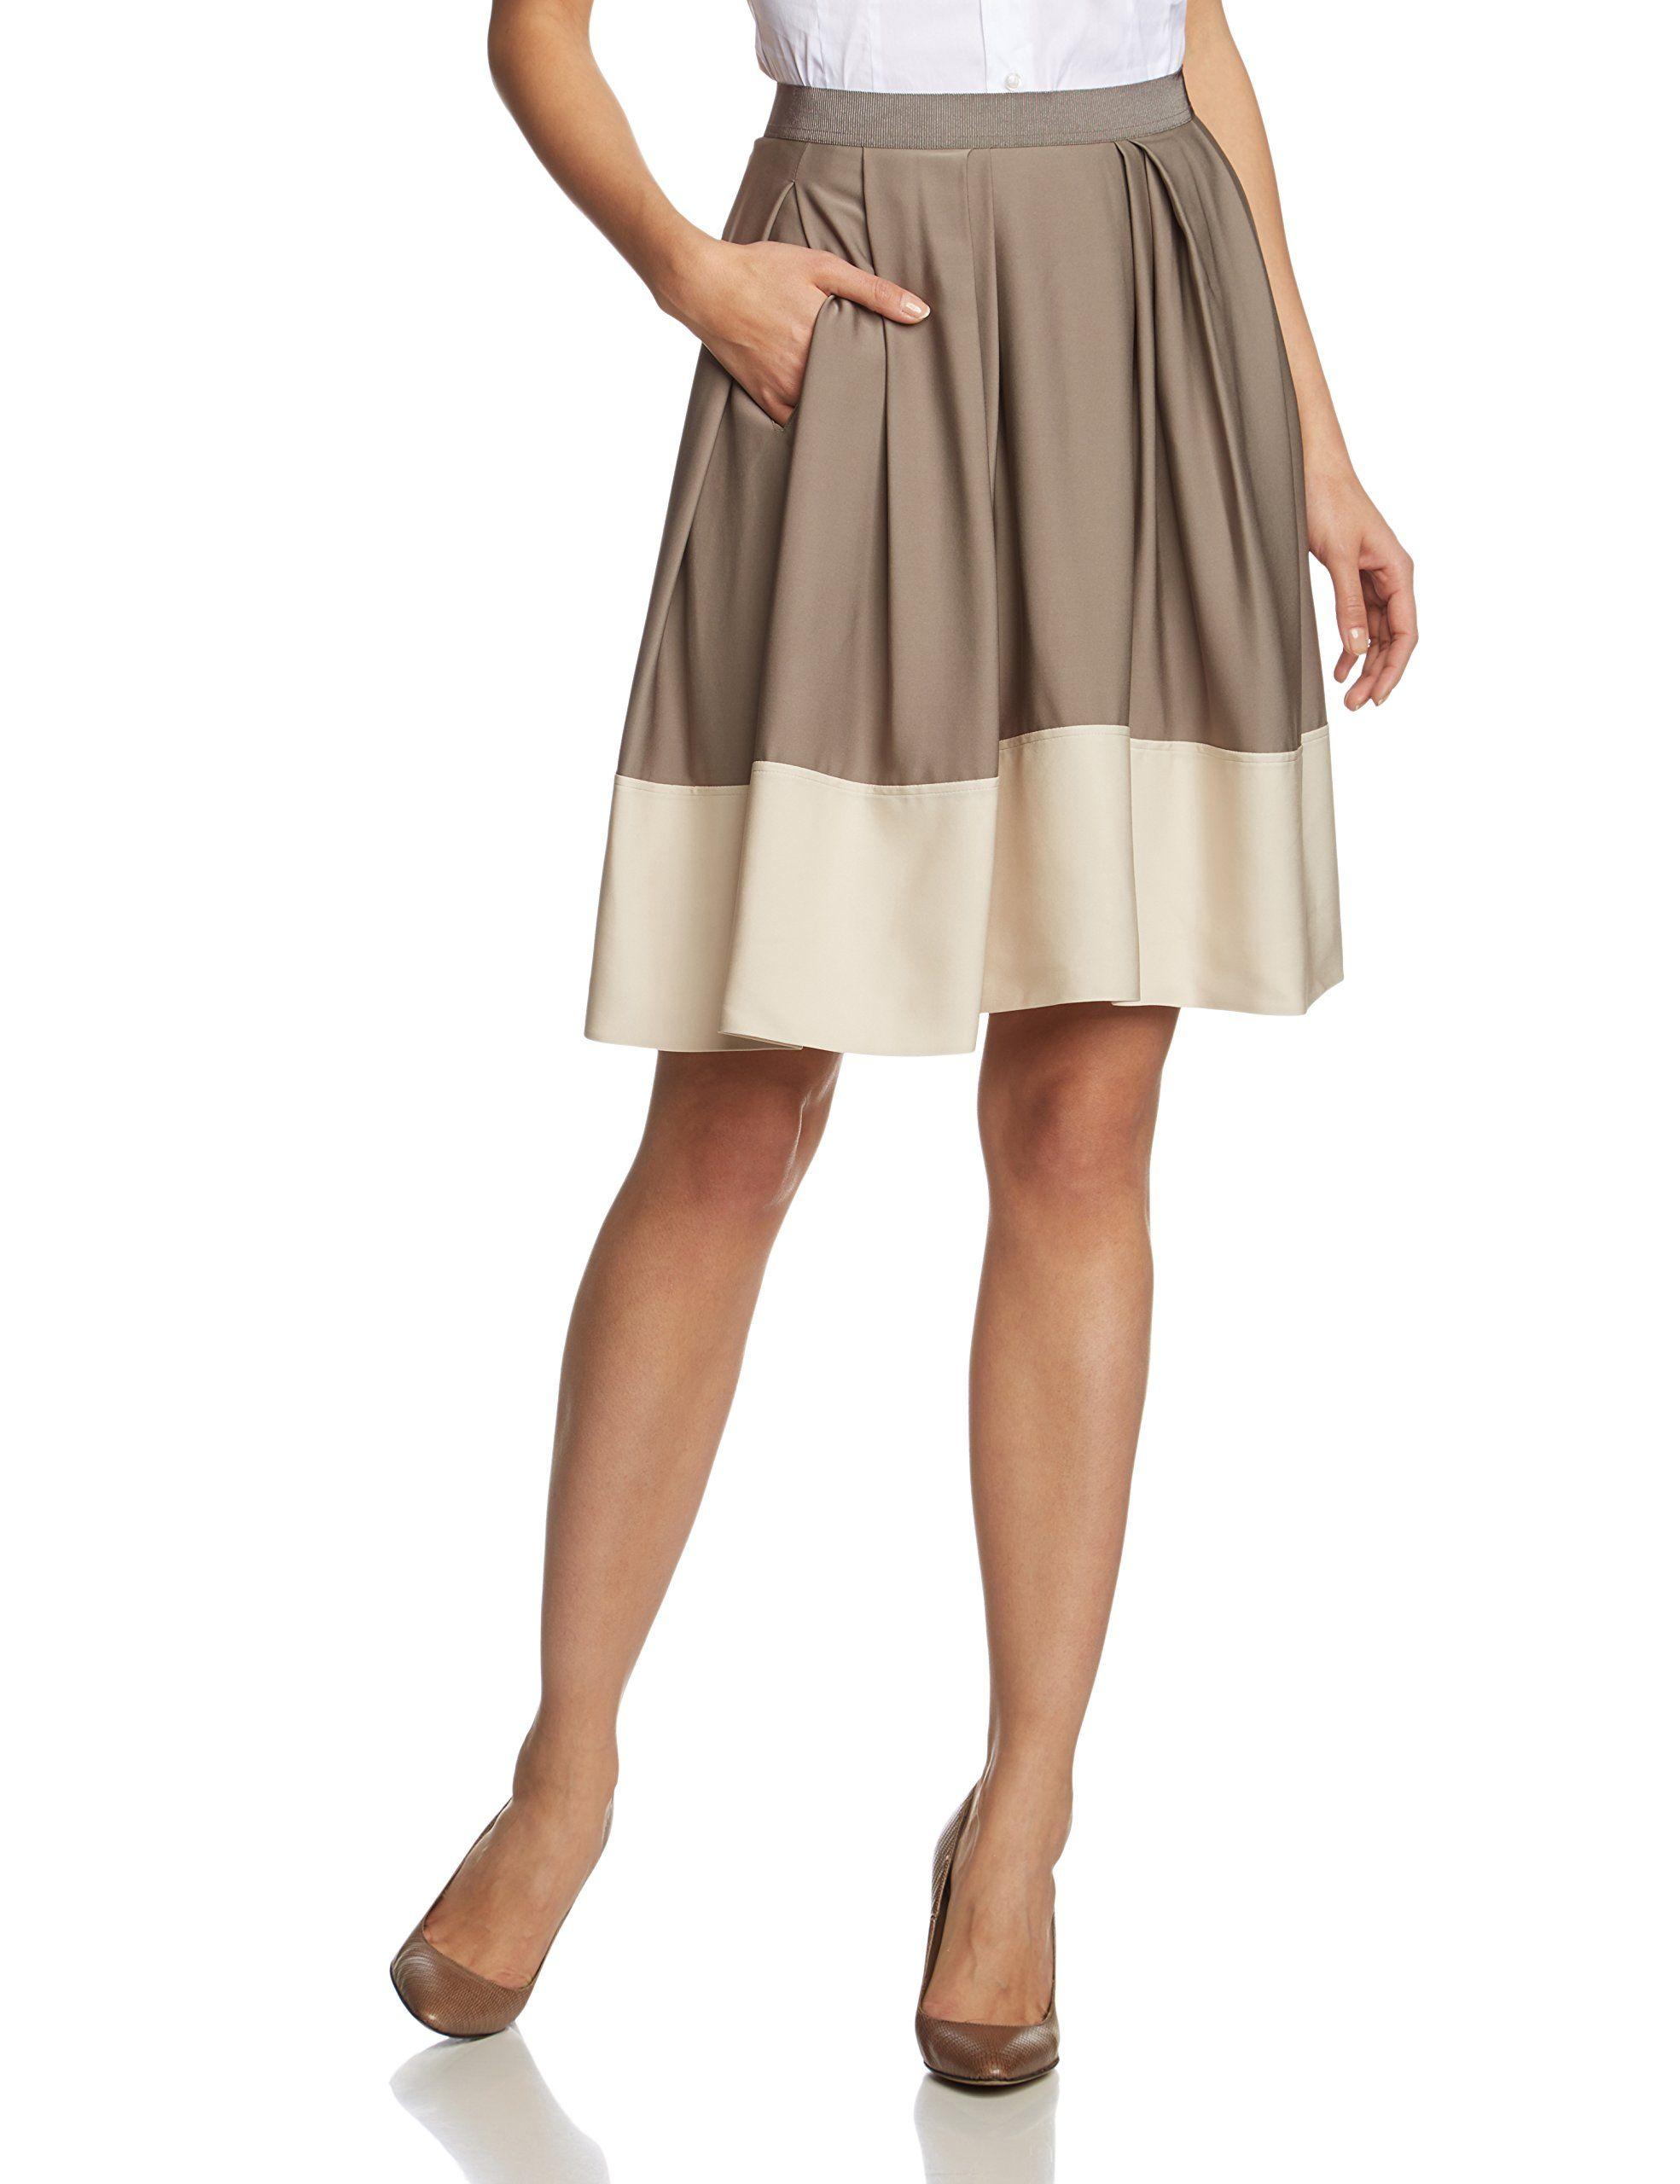 strenesse damen rock skirt skuba knielang gr 36 mehrfarbig 922 922 fashion folder. Black Bedroom Furniture Sets. Home Design Ideas